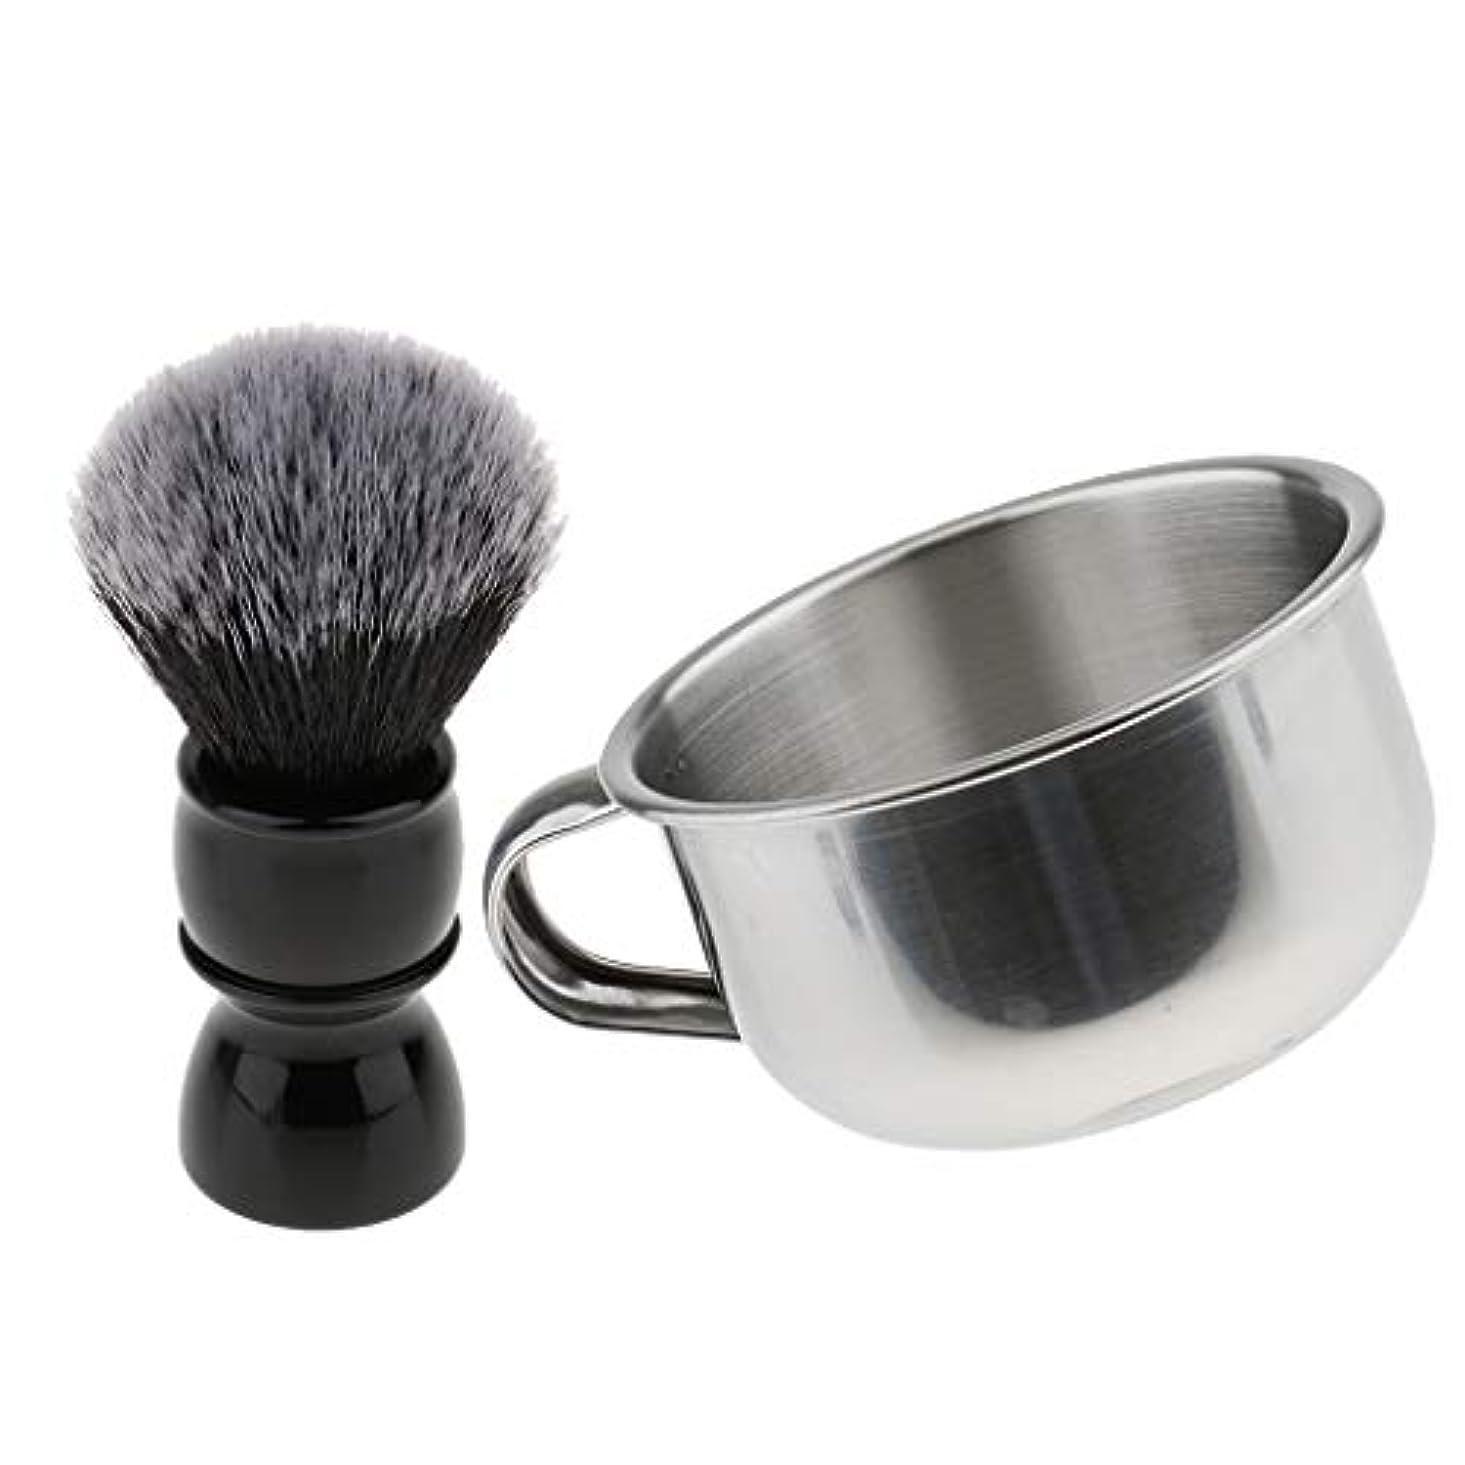 気候考案する談話シェービング用アクセサリー シェービングブラシ ステンレスボウル 男性 理髪 髭の毛 2点セット